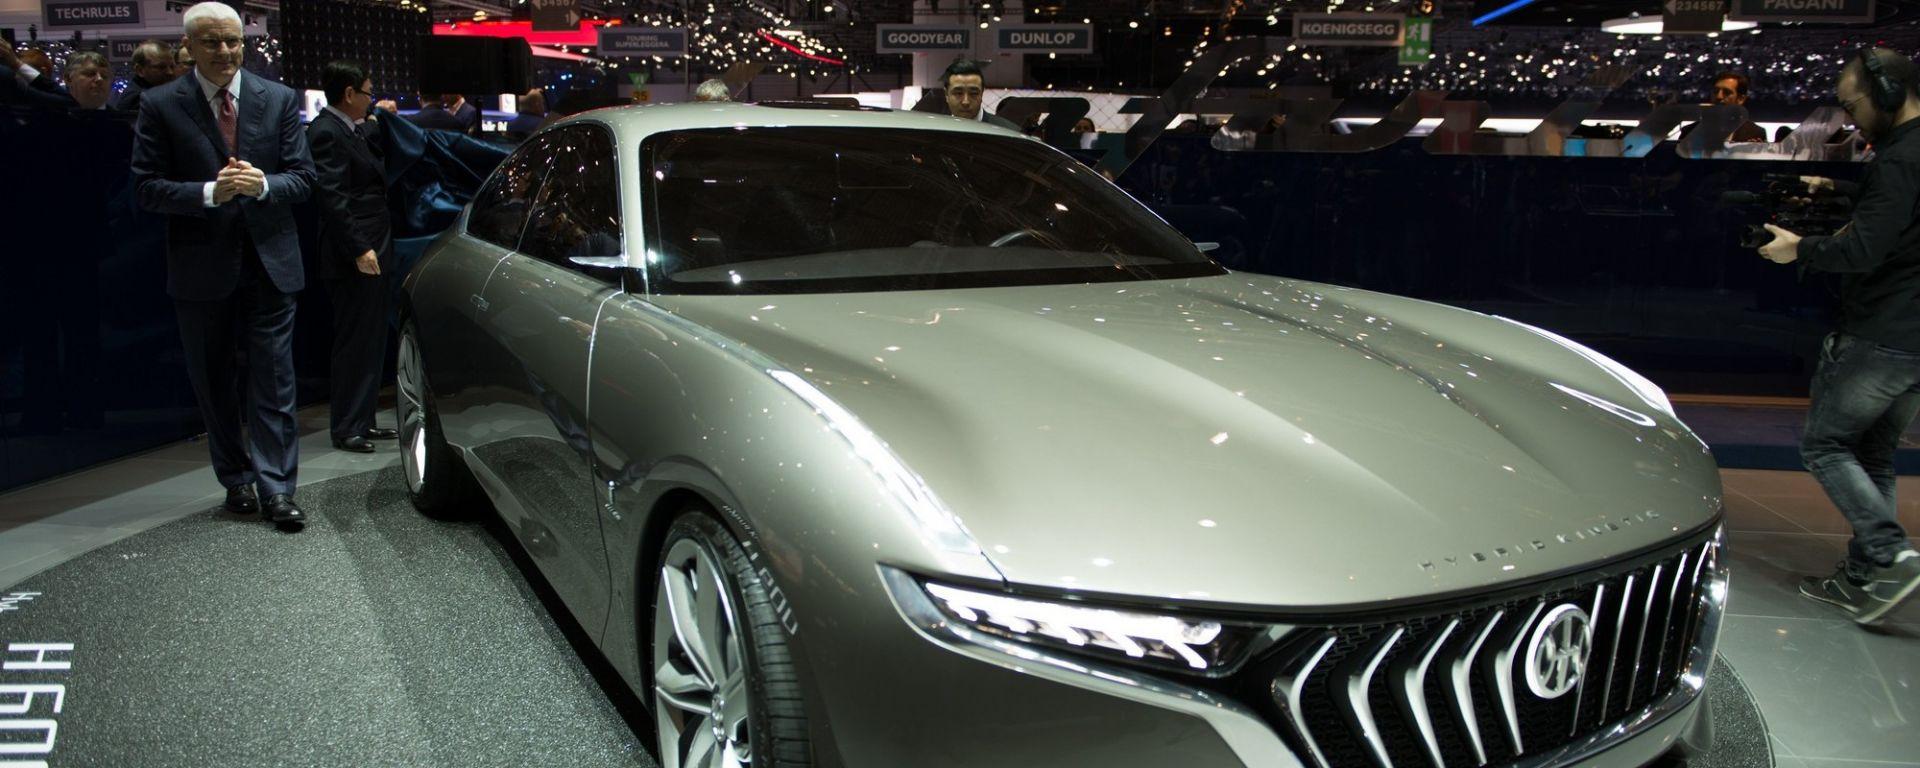 Pininfarina H600, debutto al Salone di Ginevra 2017